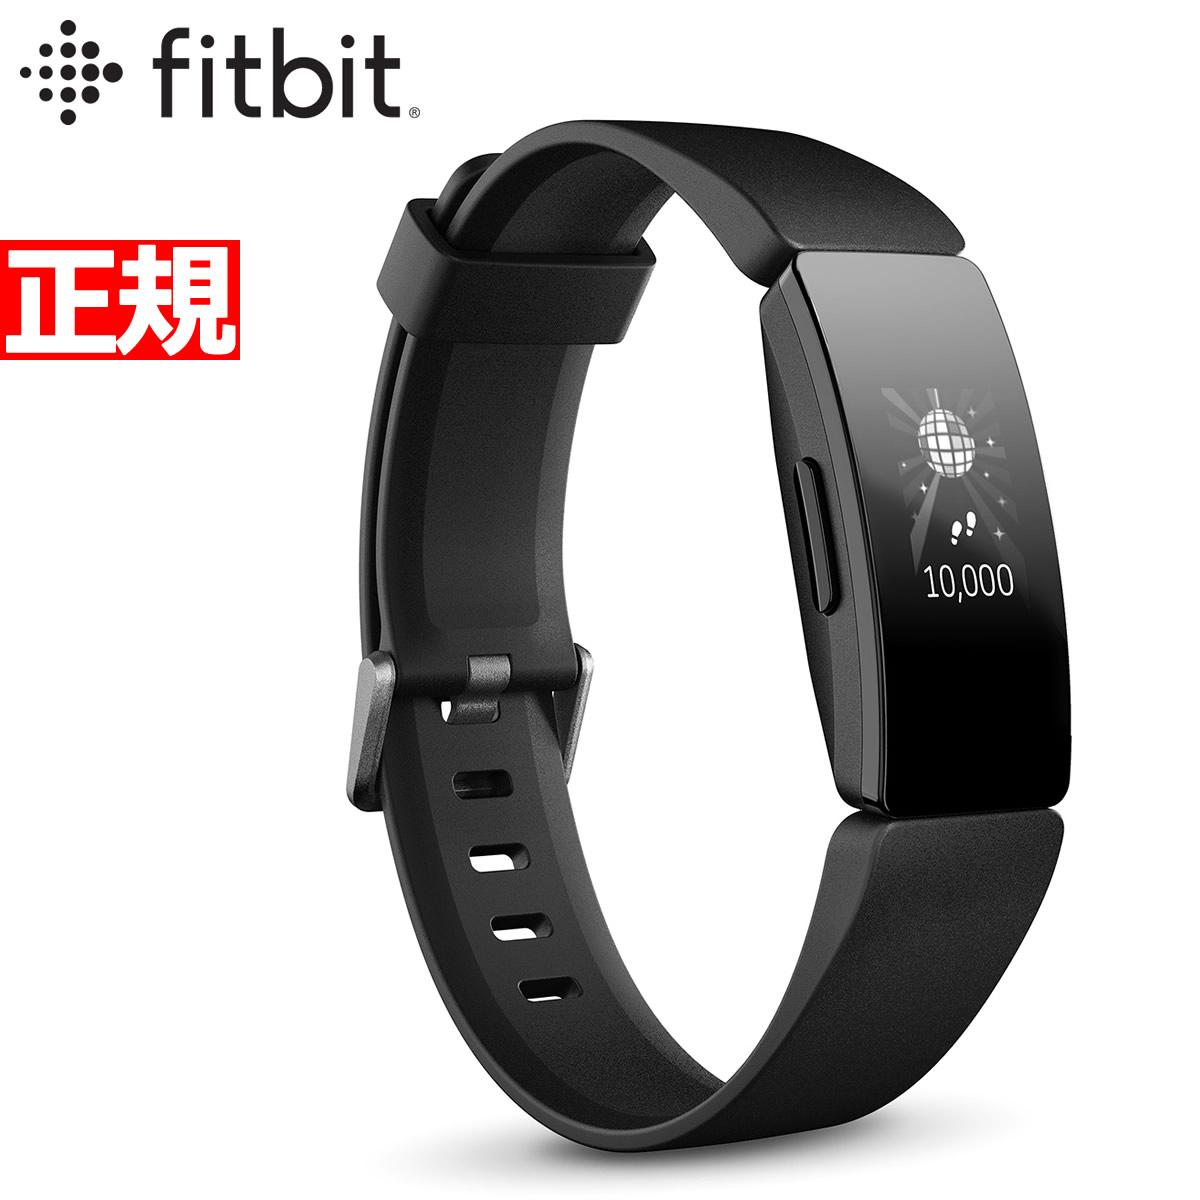 【今がお得♪店内ポイント最大48倍!&2000円OFFクーポン!9日1時59分まで!】Fitbit フィットビット Inspire HR インスパイアHR フィットネス トラッカー ウェアラブル端末 腕時計 L/Sサイズ ブラック FB413BKBK-FRCJK【2019 新作】